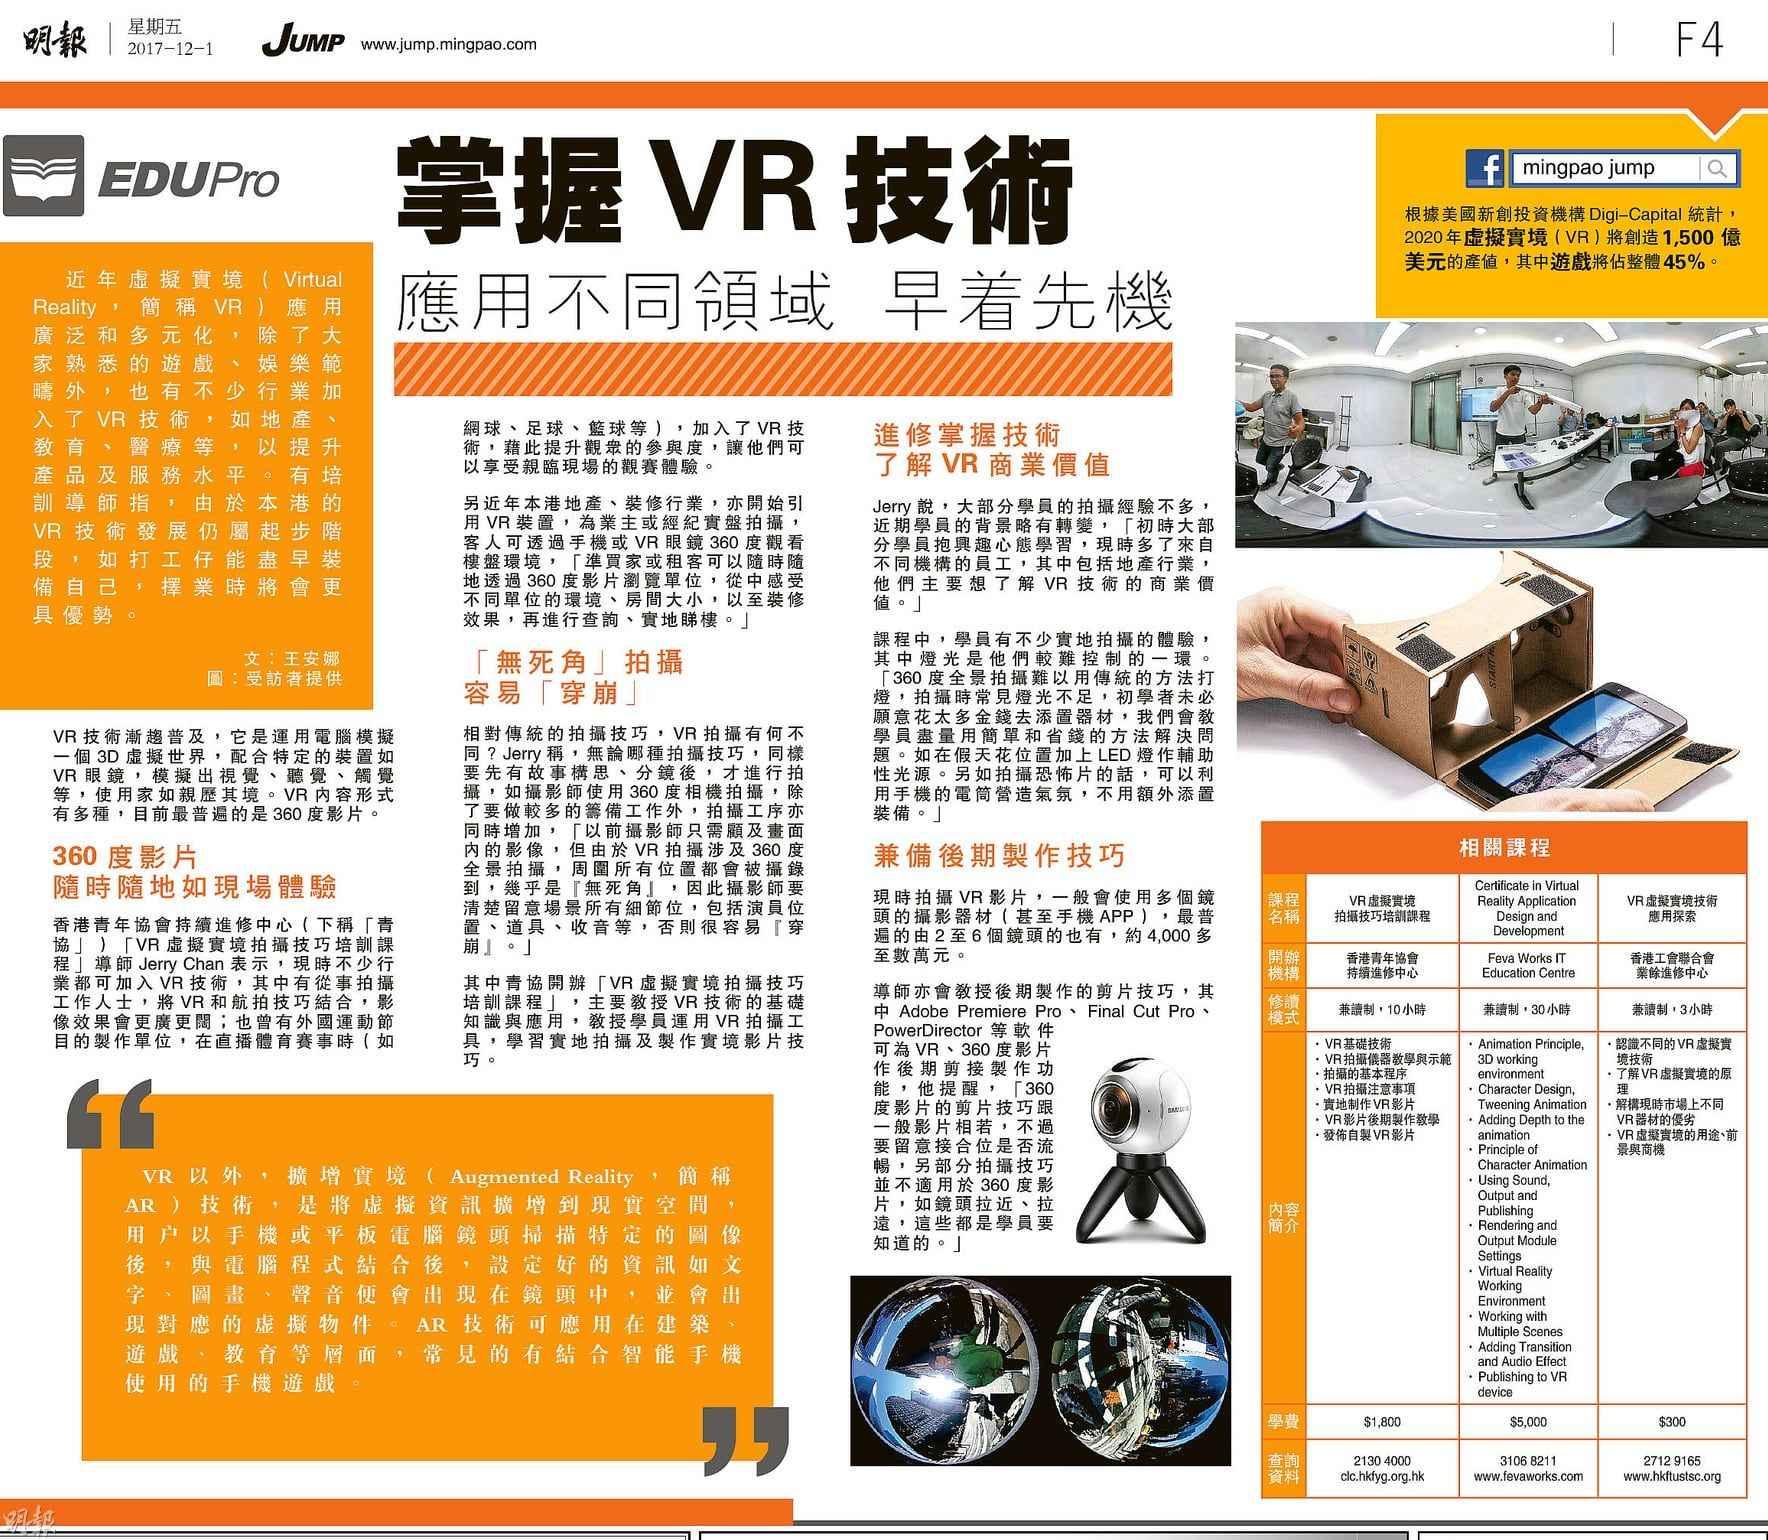 20171201_明報JUMP_VR虛擬實境拍攝技巧培訓課程